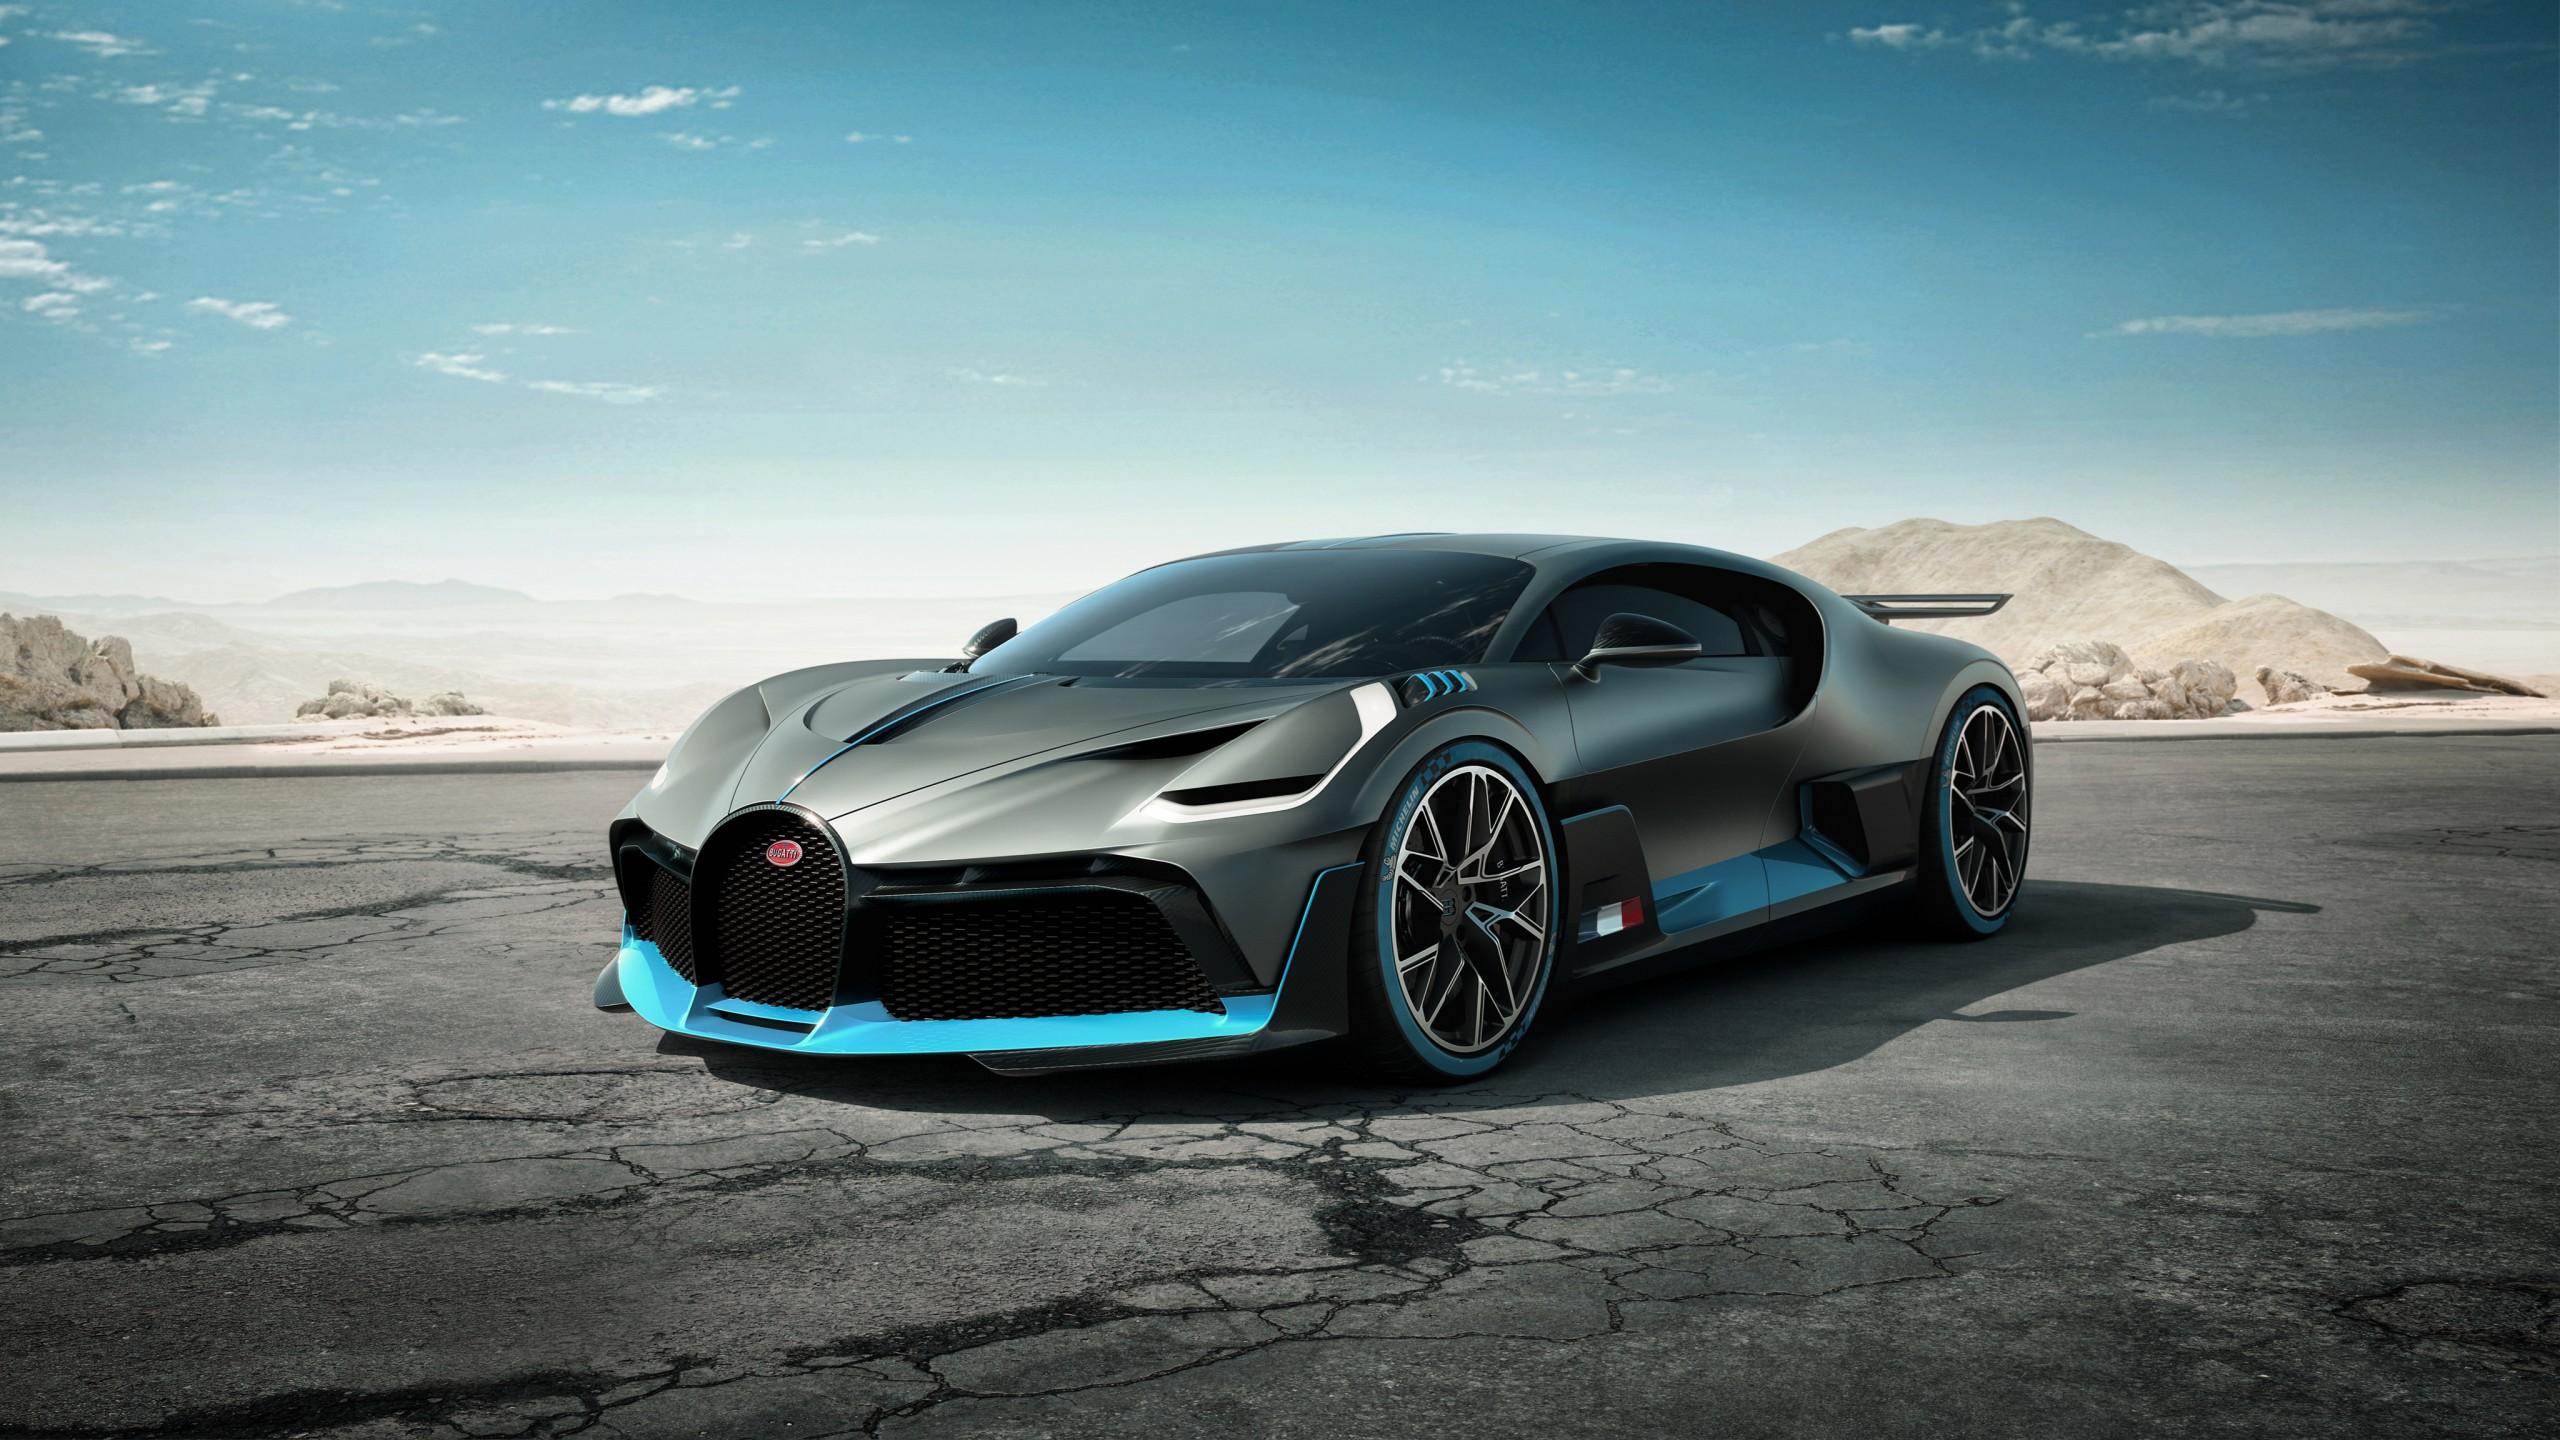 2019 Bugatti Divo 4k 6 Wallpaper Hd Car Wallpapers Id 11104